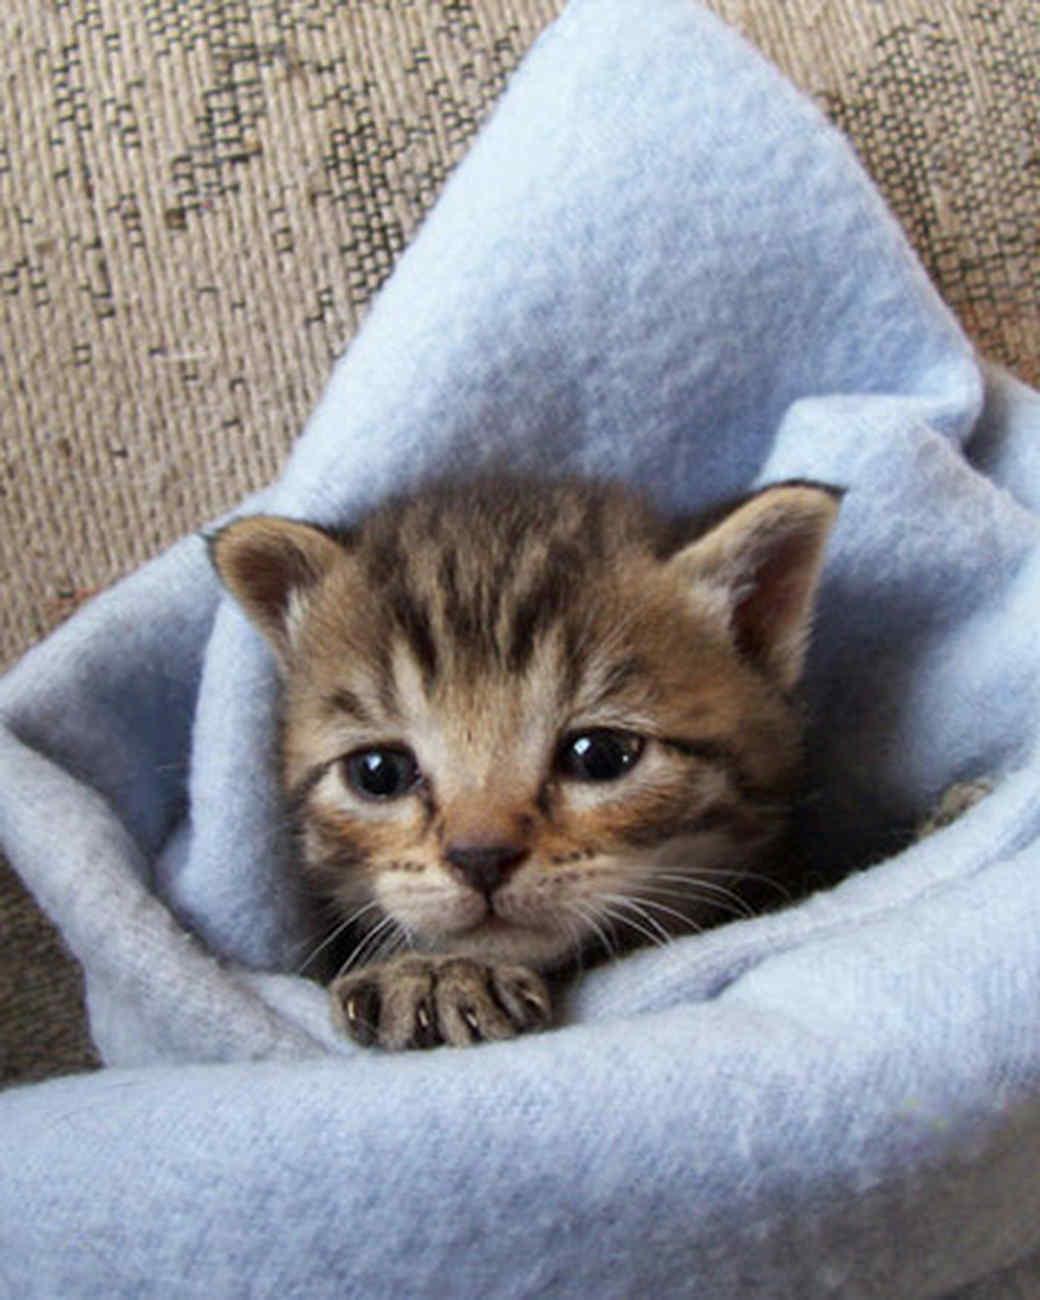 pets_kittens_0610_9485857_12062337.jpg